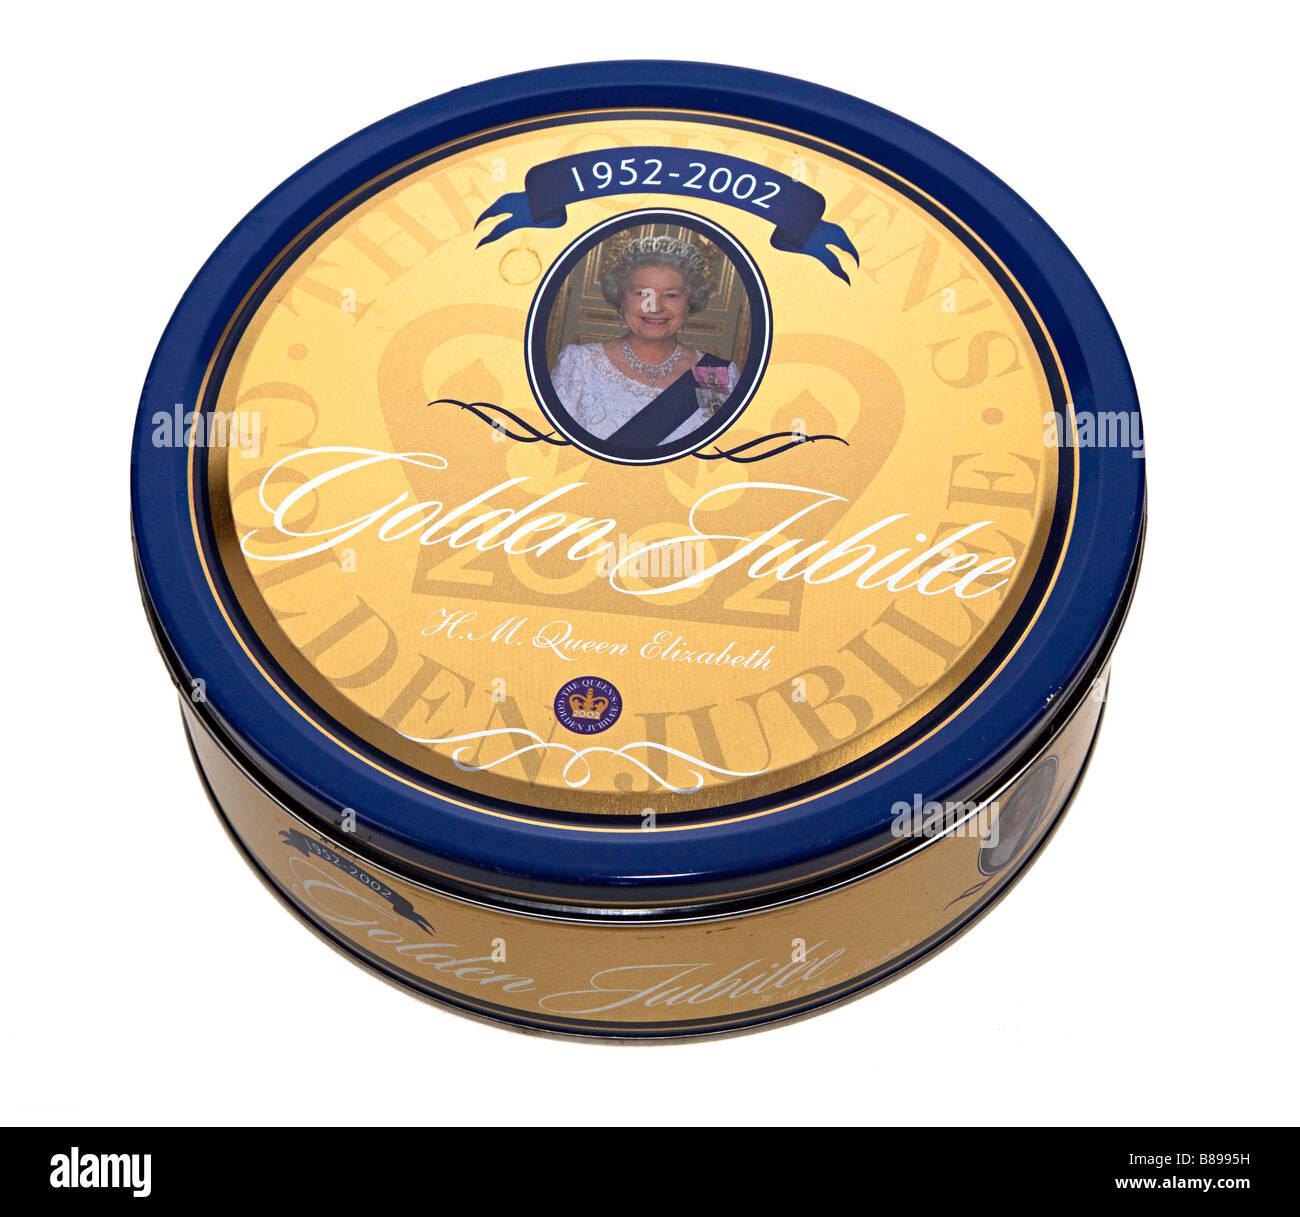 Queen Elizabeth II Golden Anniversary 1952-2002 on shortbread biscuit tin UK - Stock Image